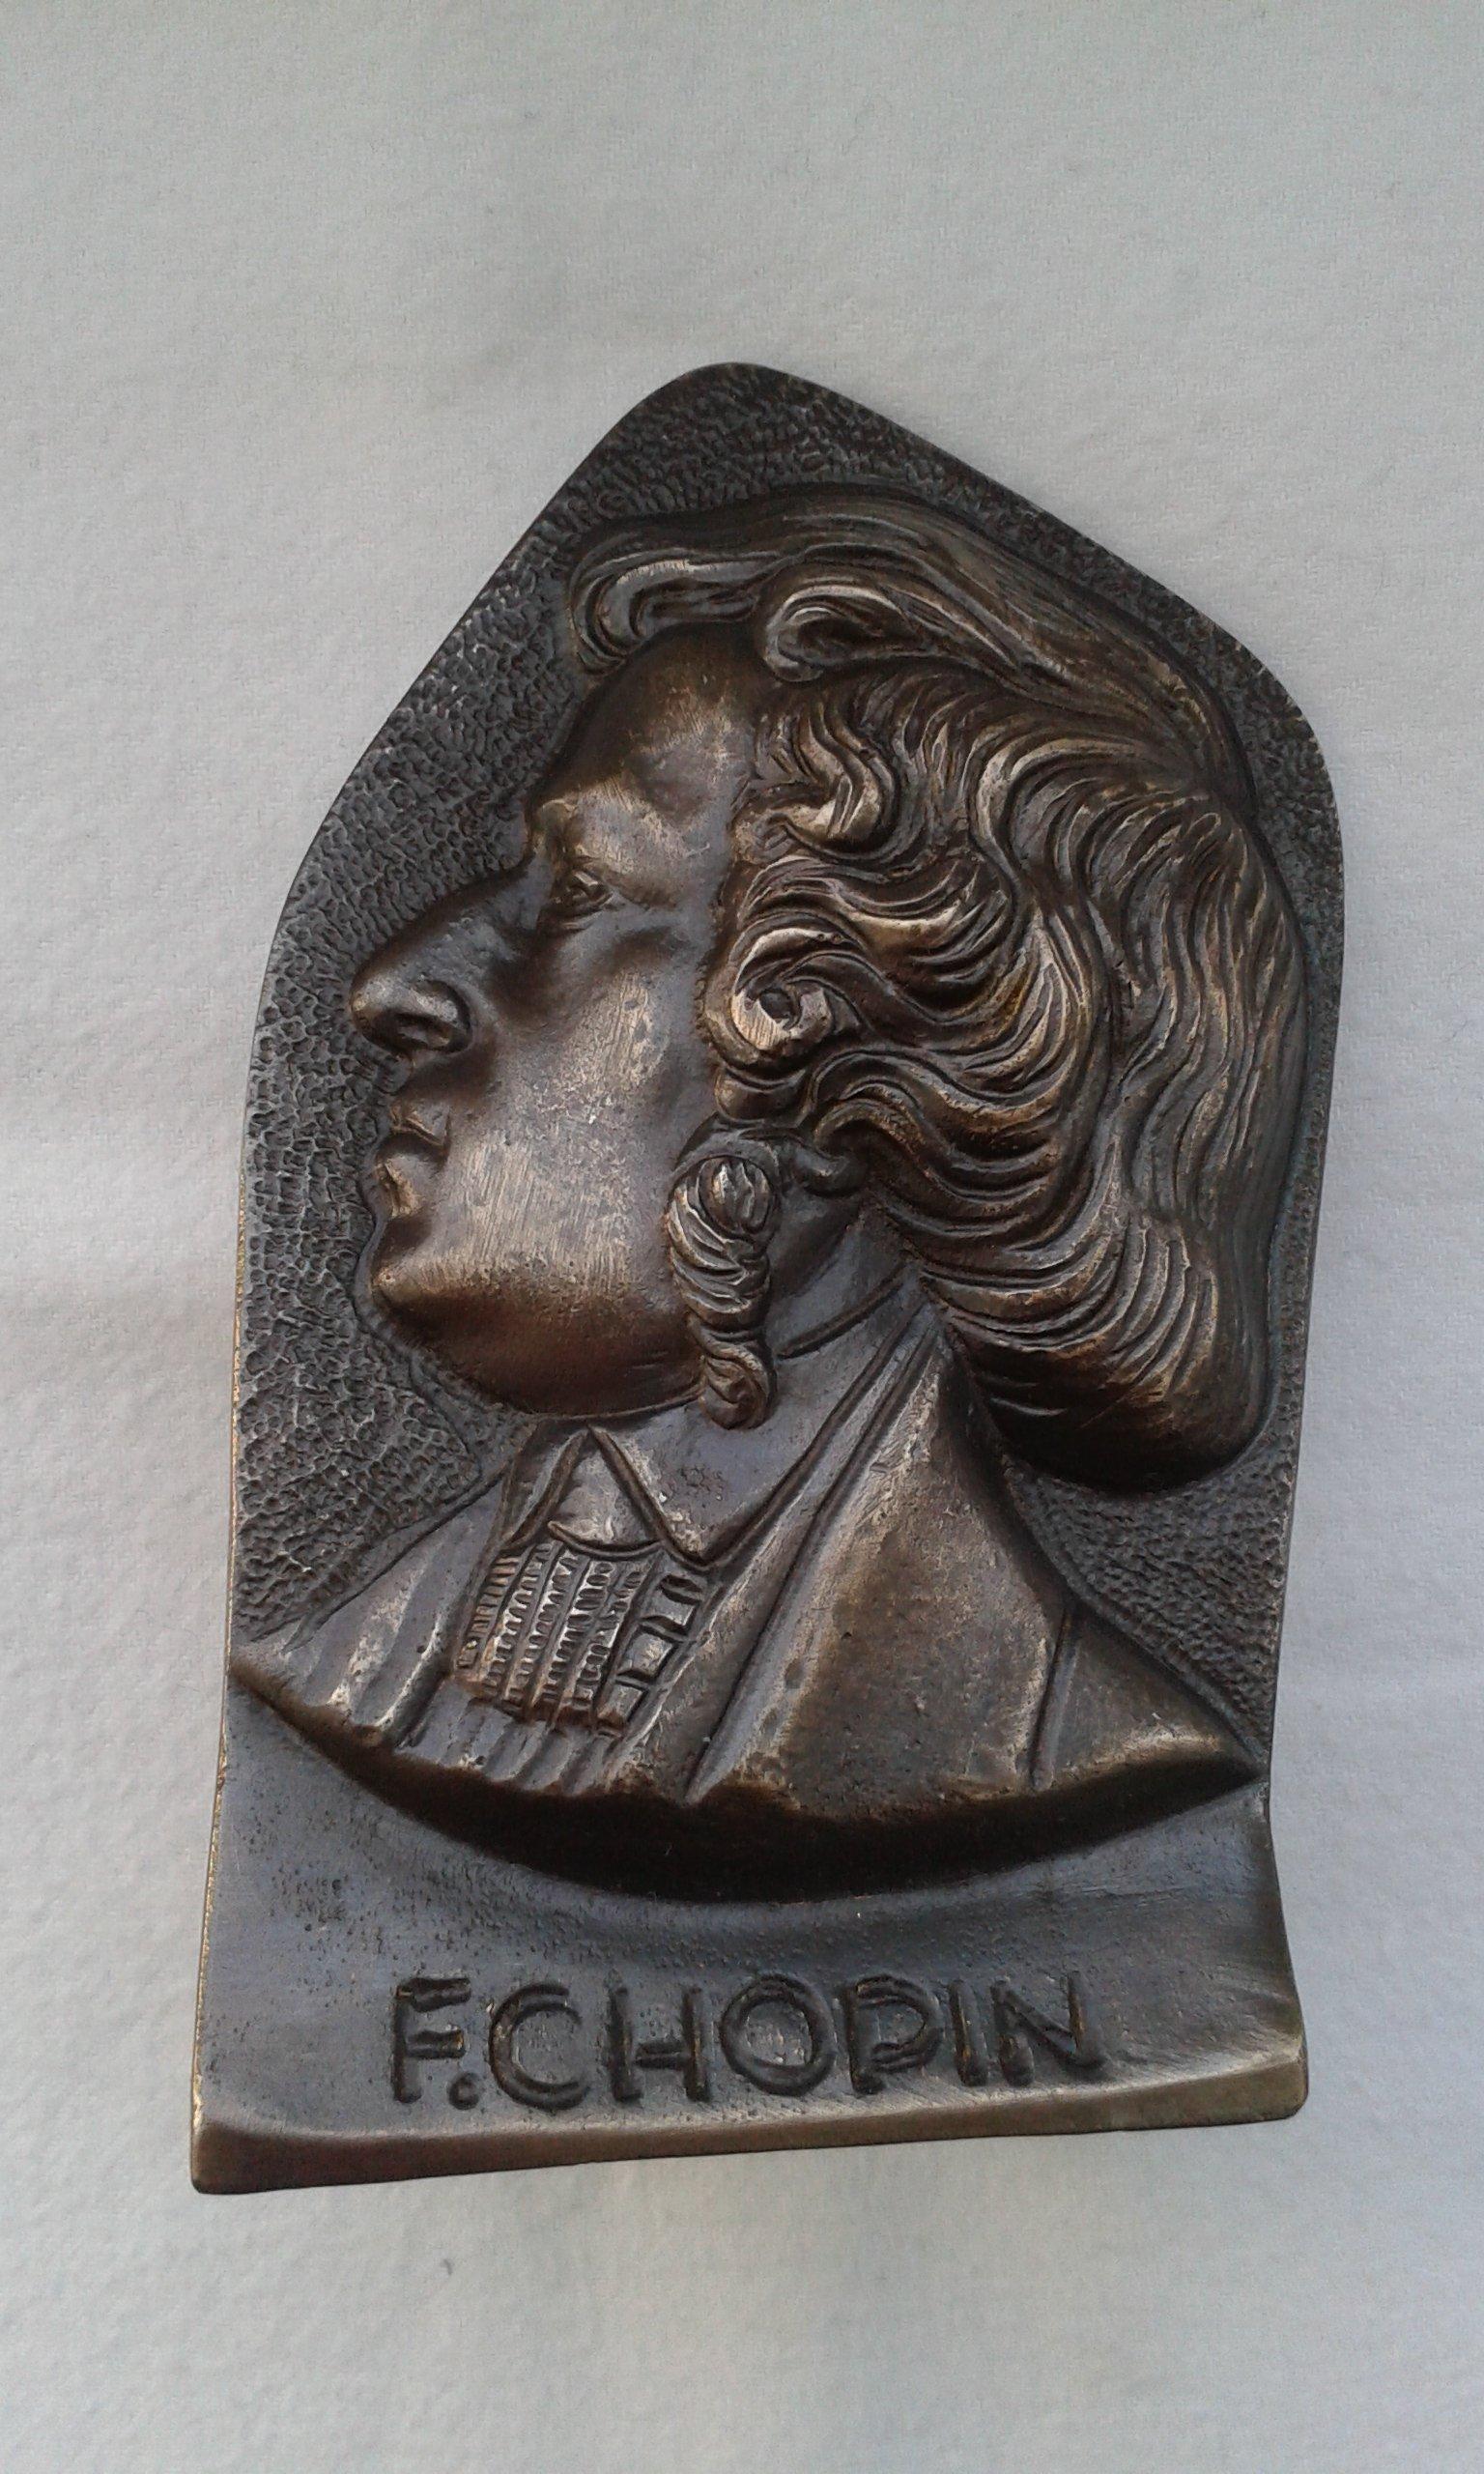 Plakieta F. Chopin